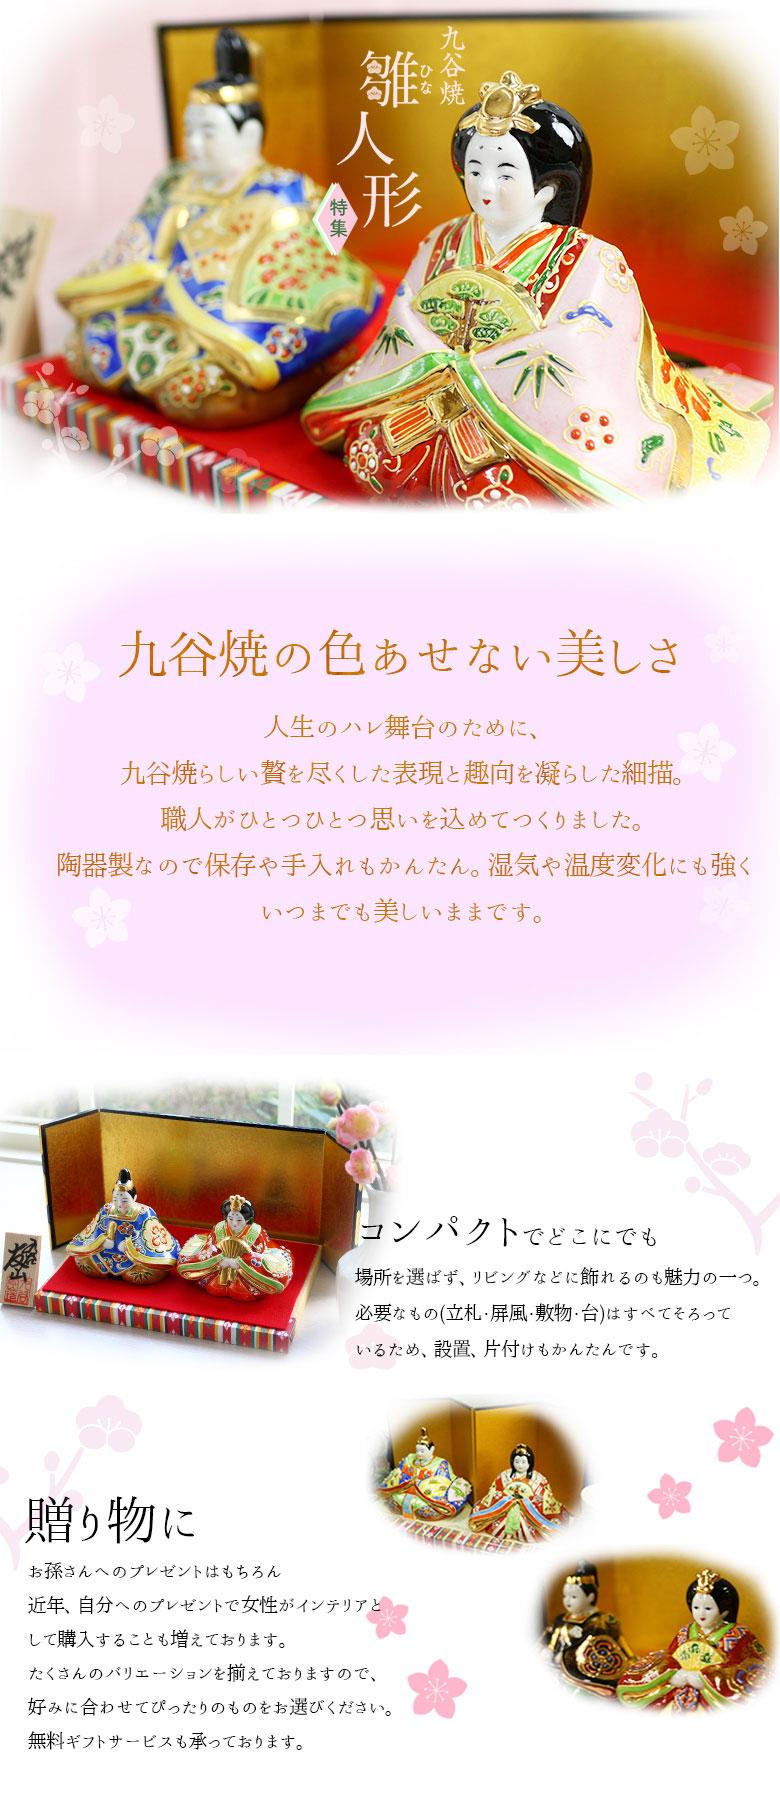 【九谷焼】ひな人形特集